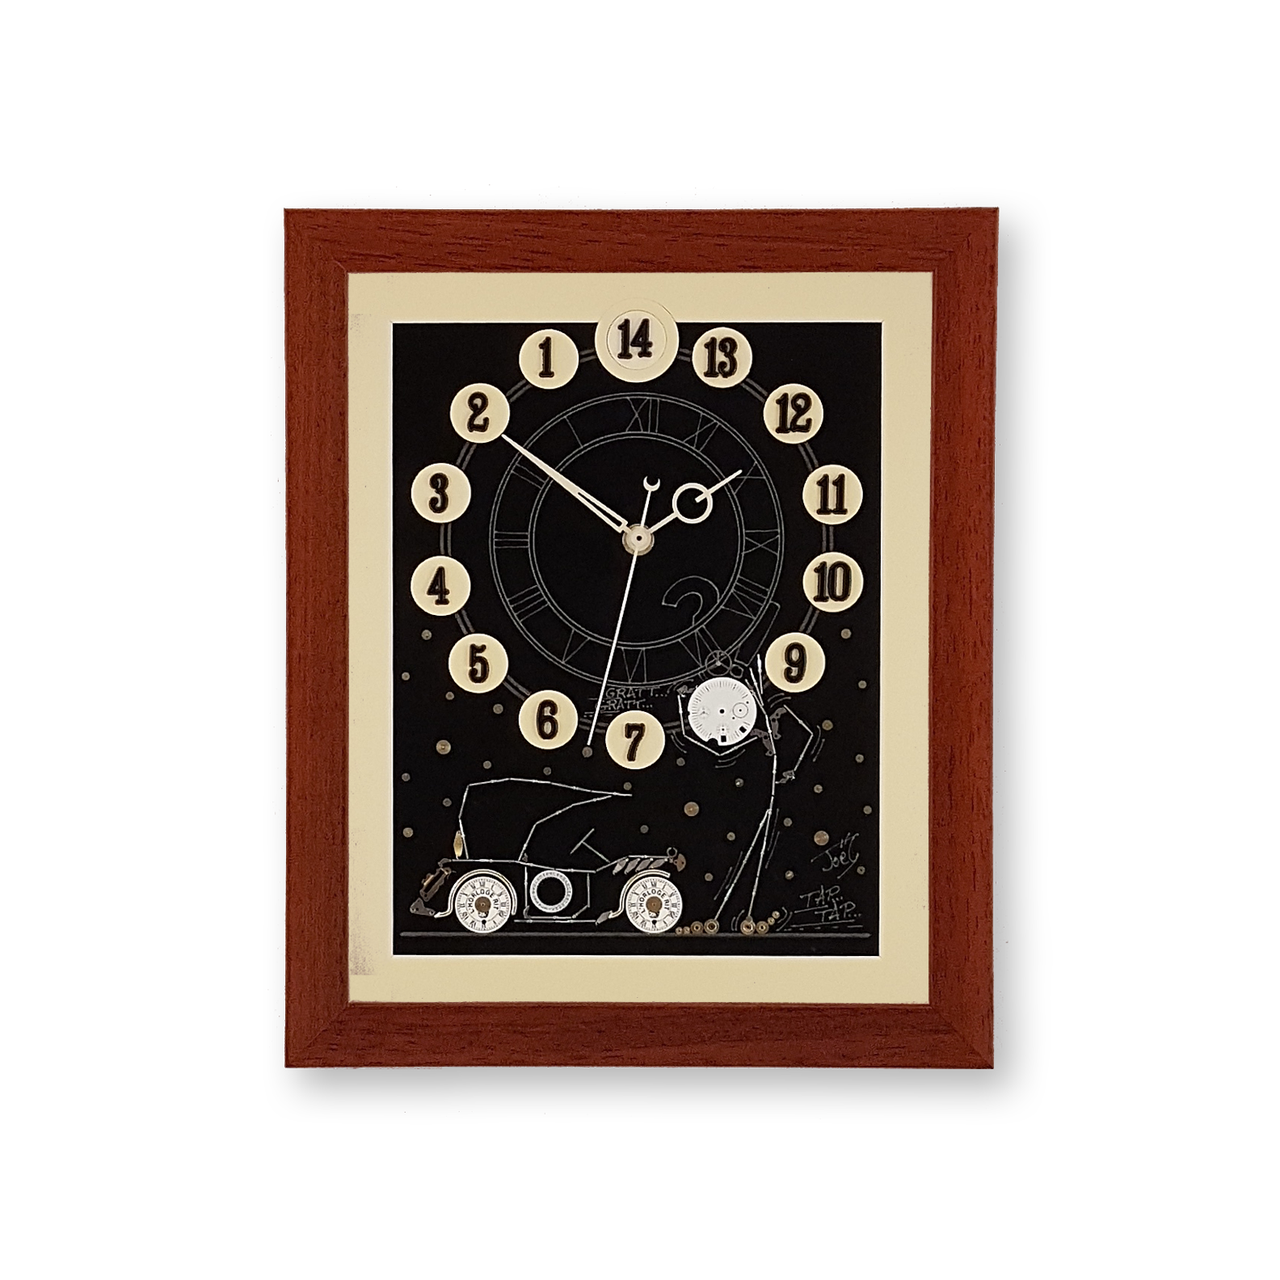 Horloges De 14h L Horloge Rit